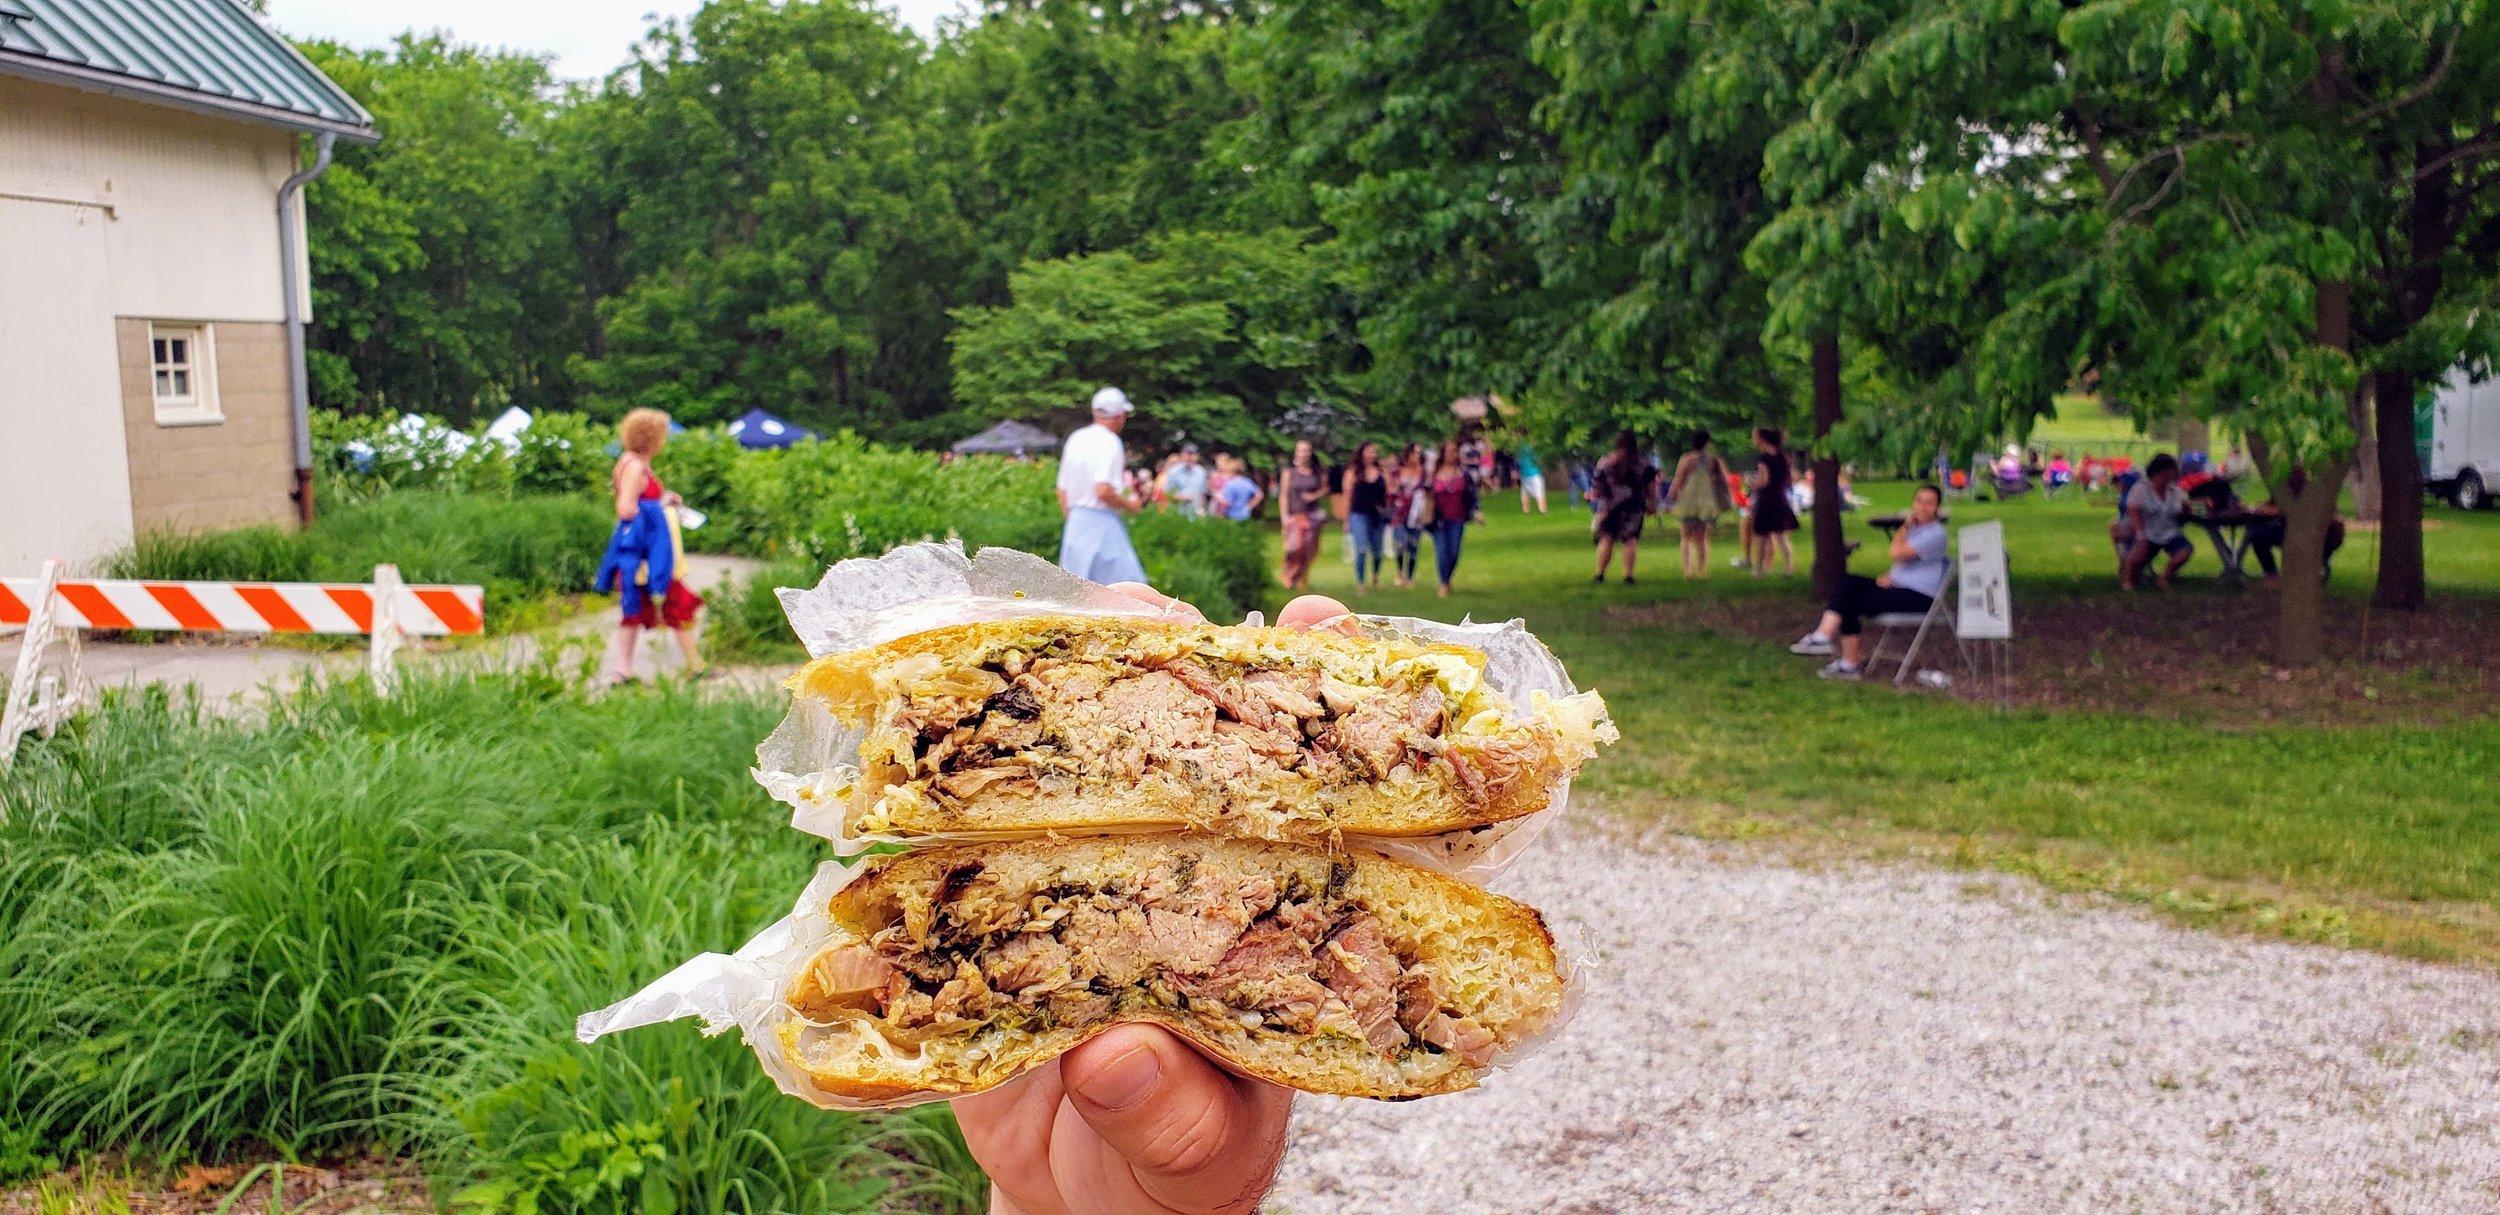 Porketta in the Park.jpg